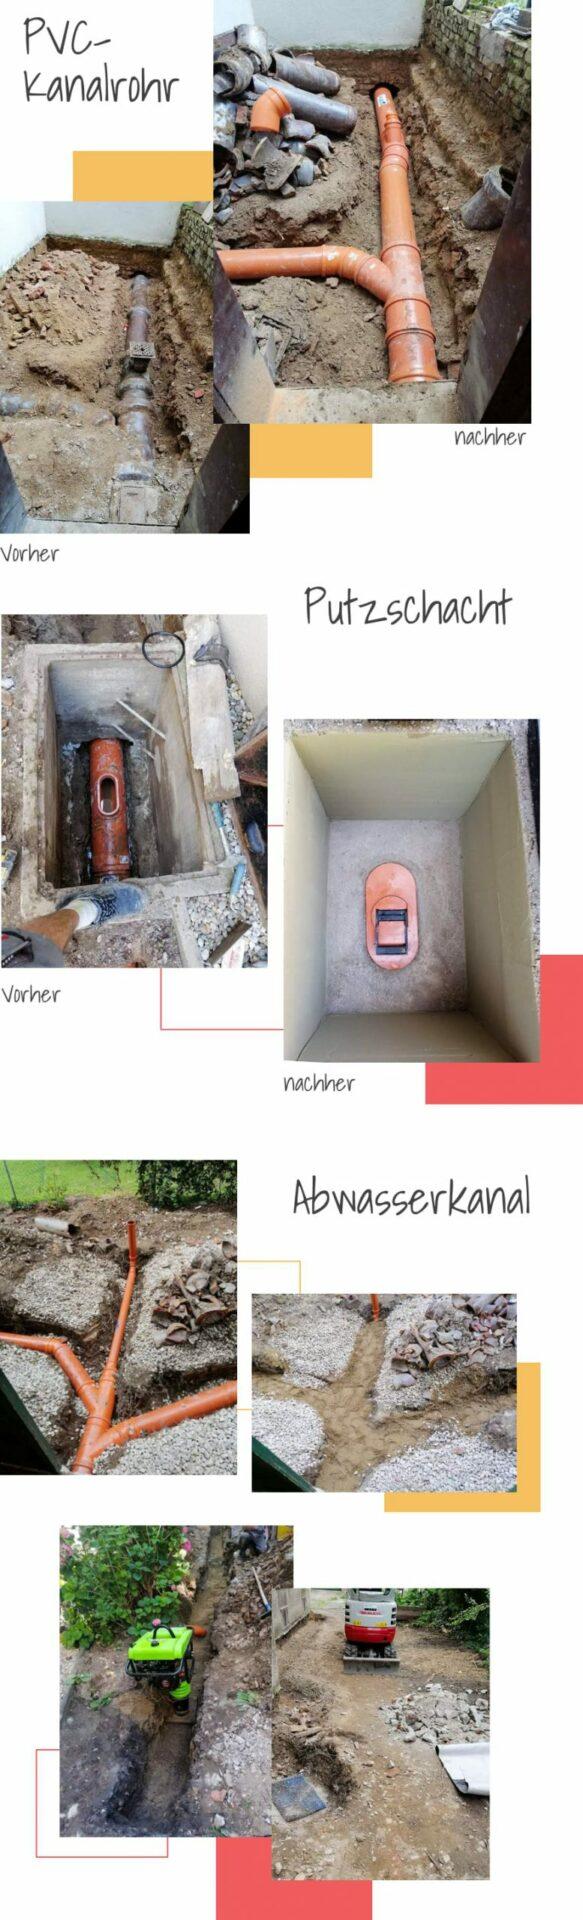 Kanalsanierung-Collage-880x2900px